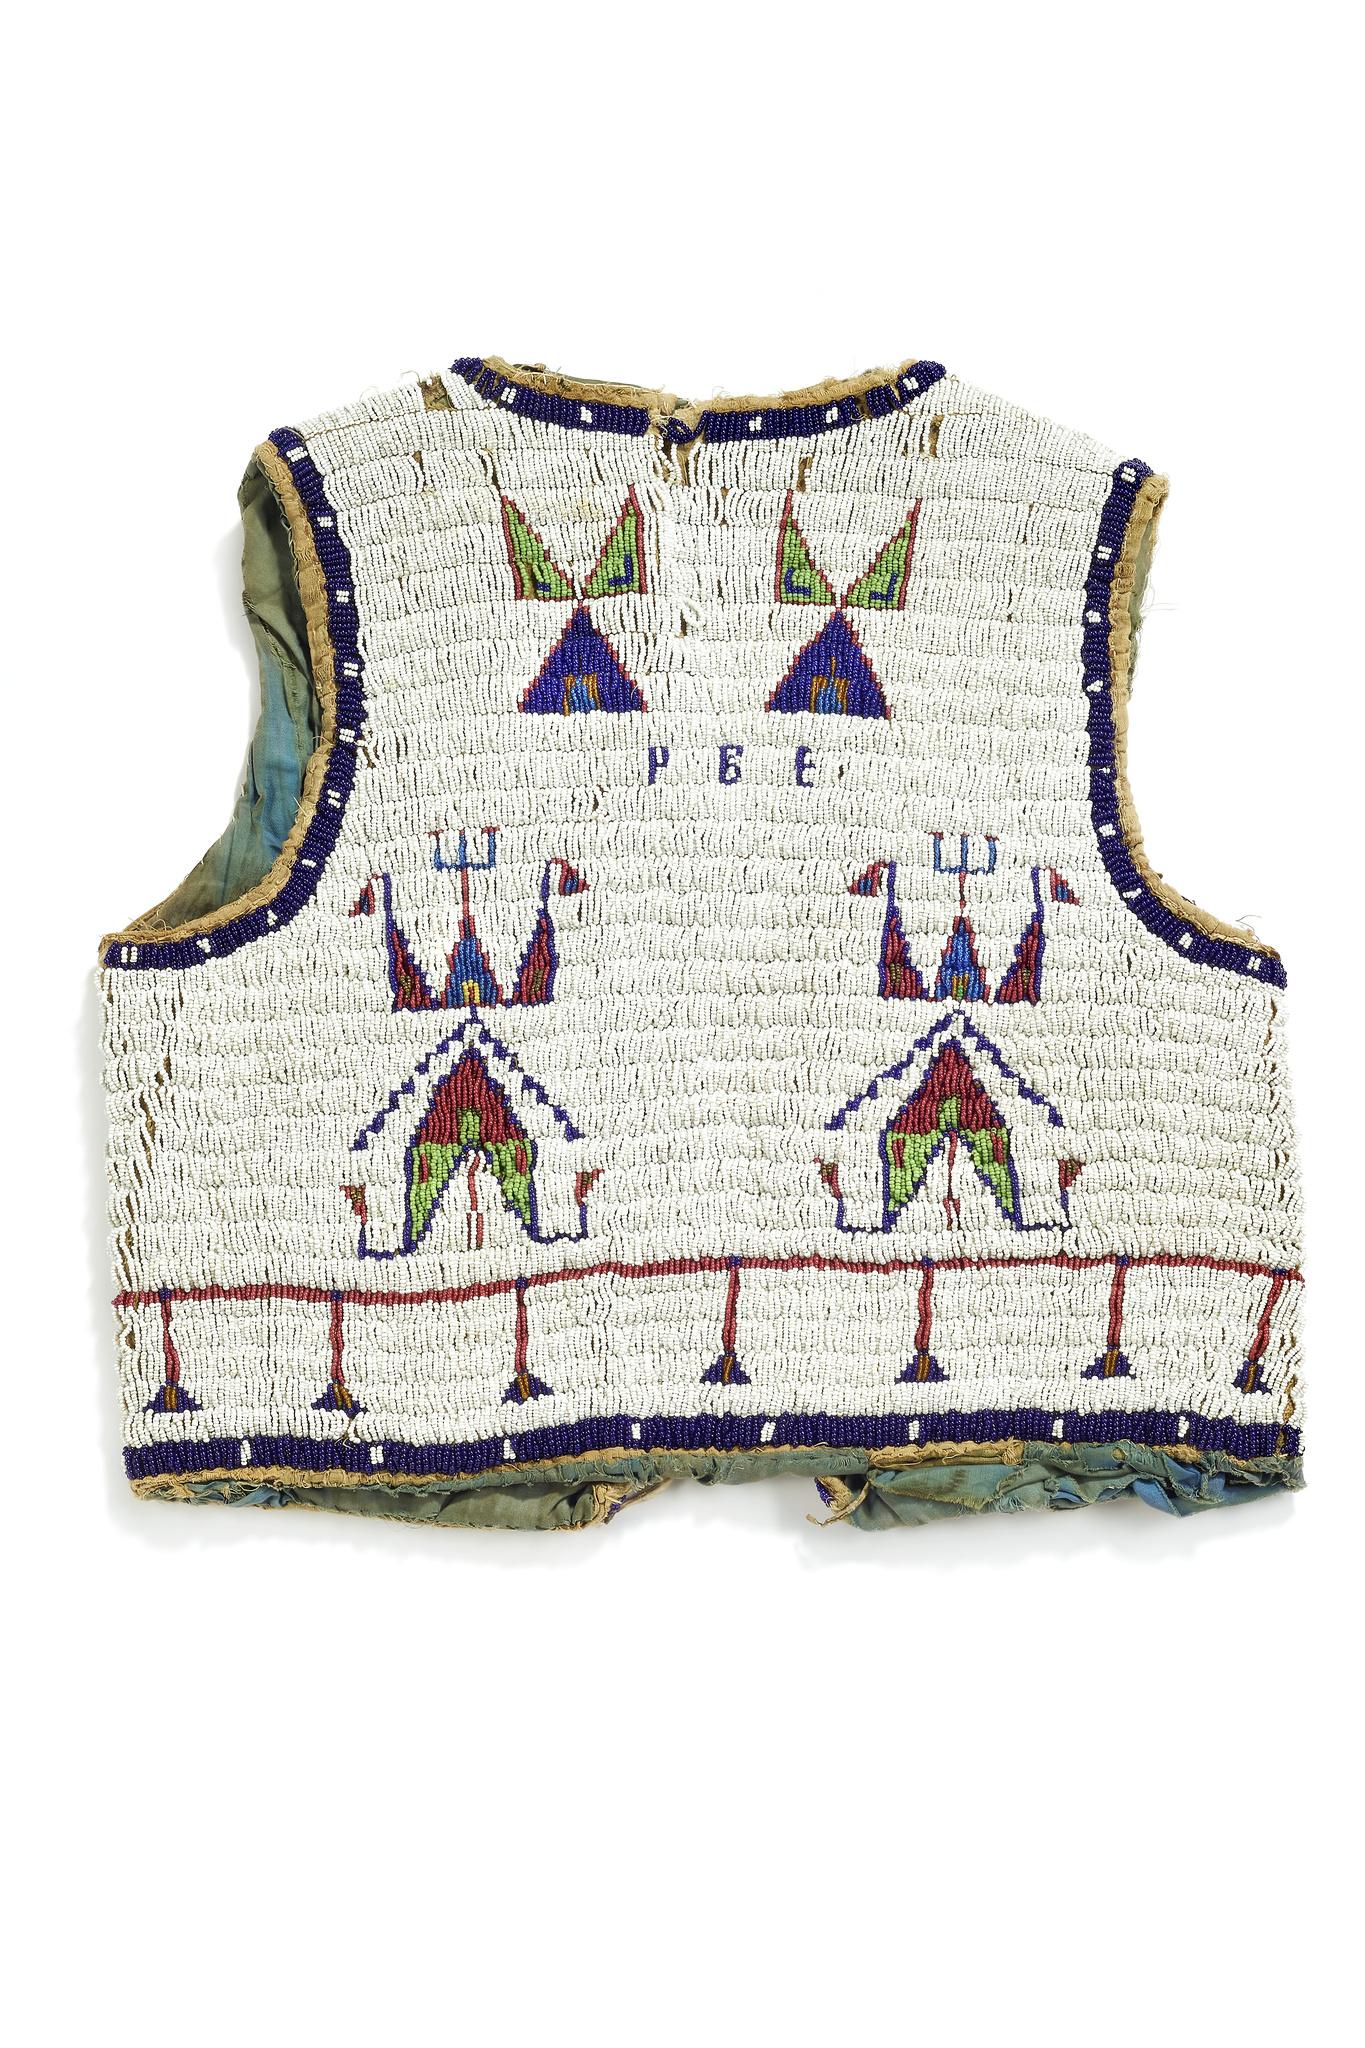 Boy's vest